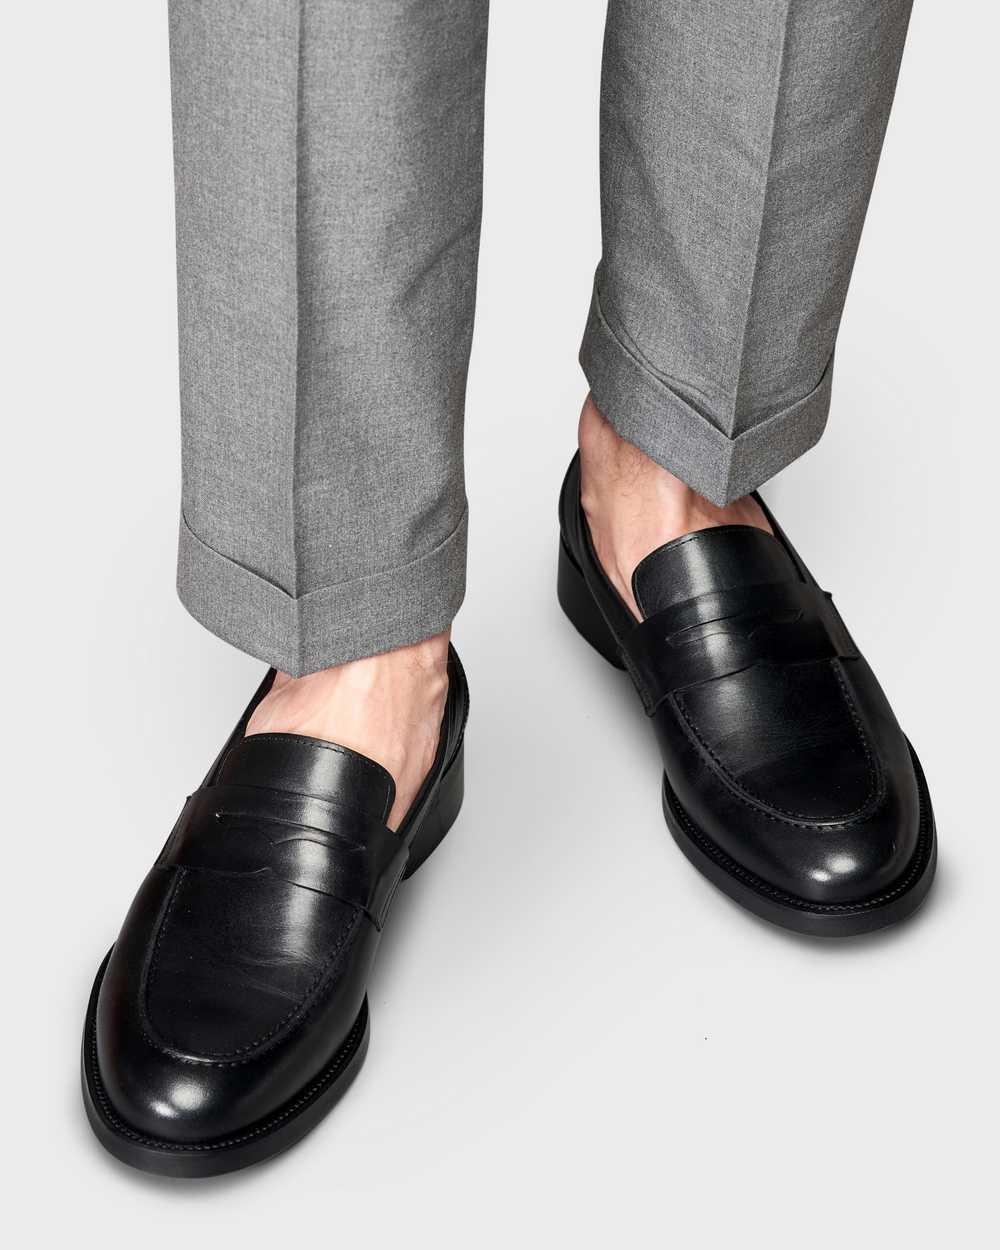 Туфли мужские пенни-лоферы черные из гладкой кожи